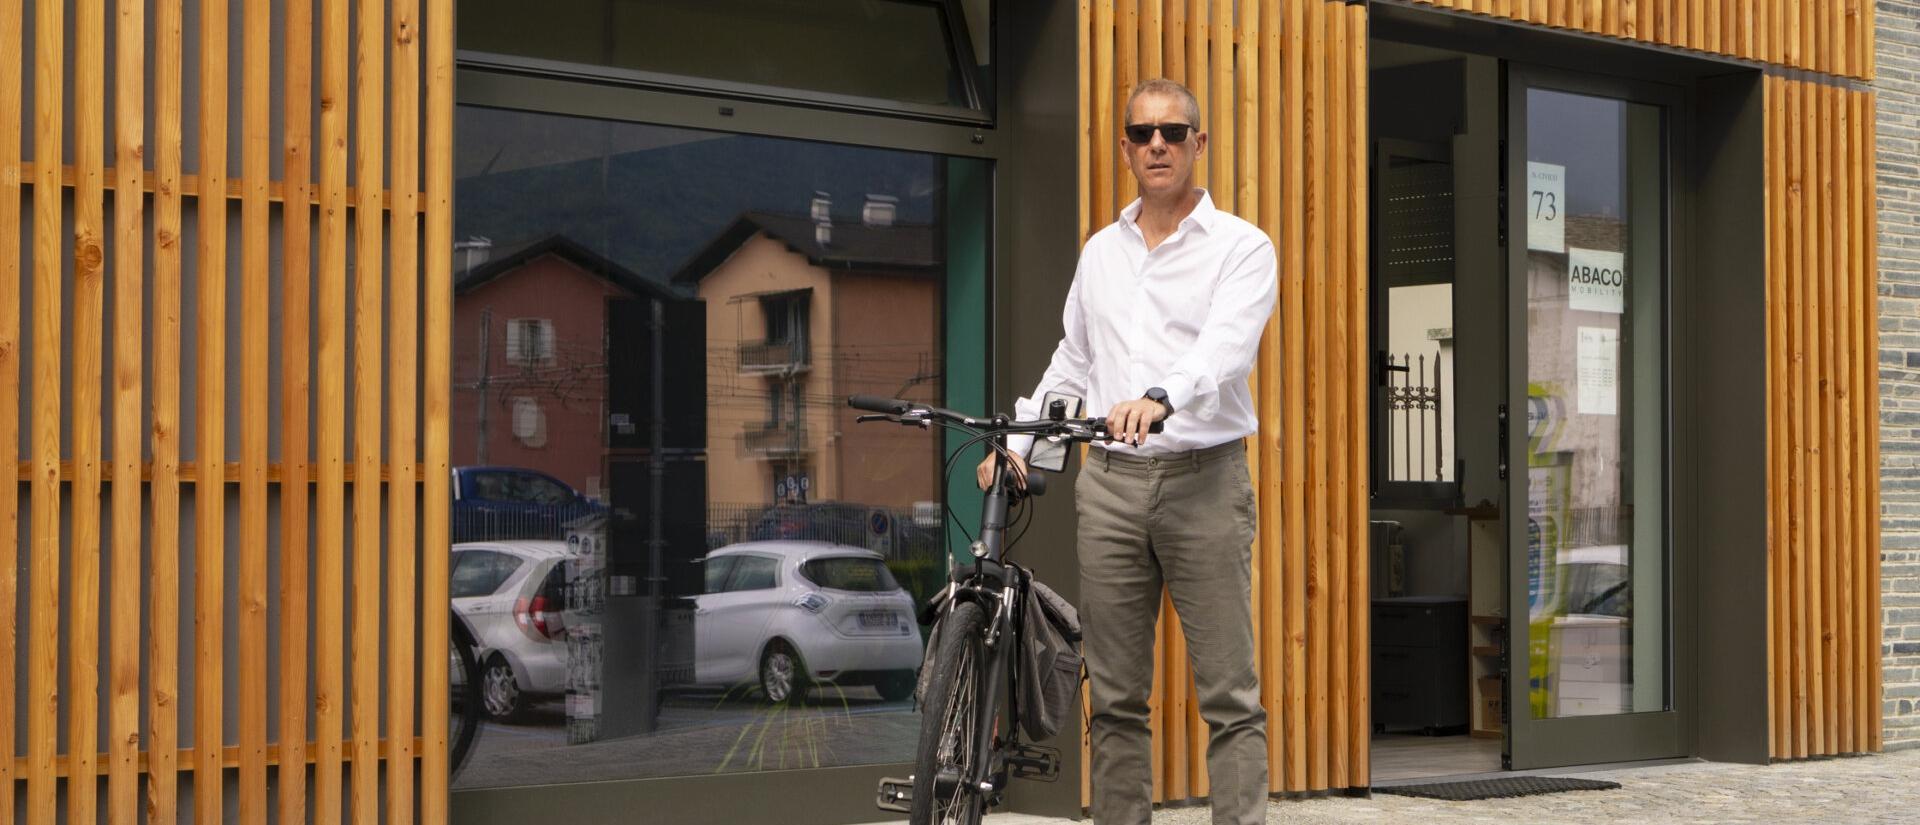 Copertina news Ciclostazione inaugurazione - Abaco Mobility